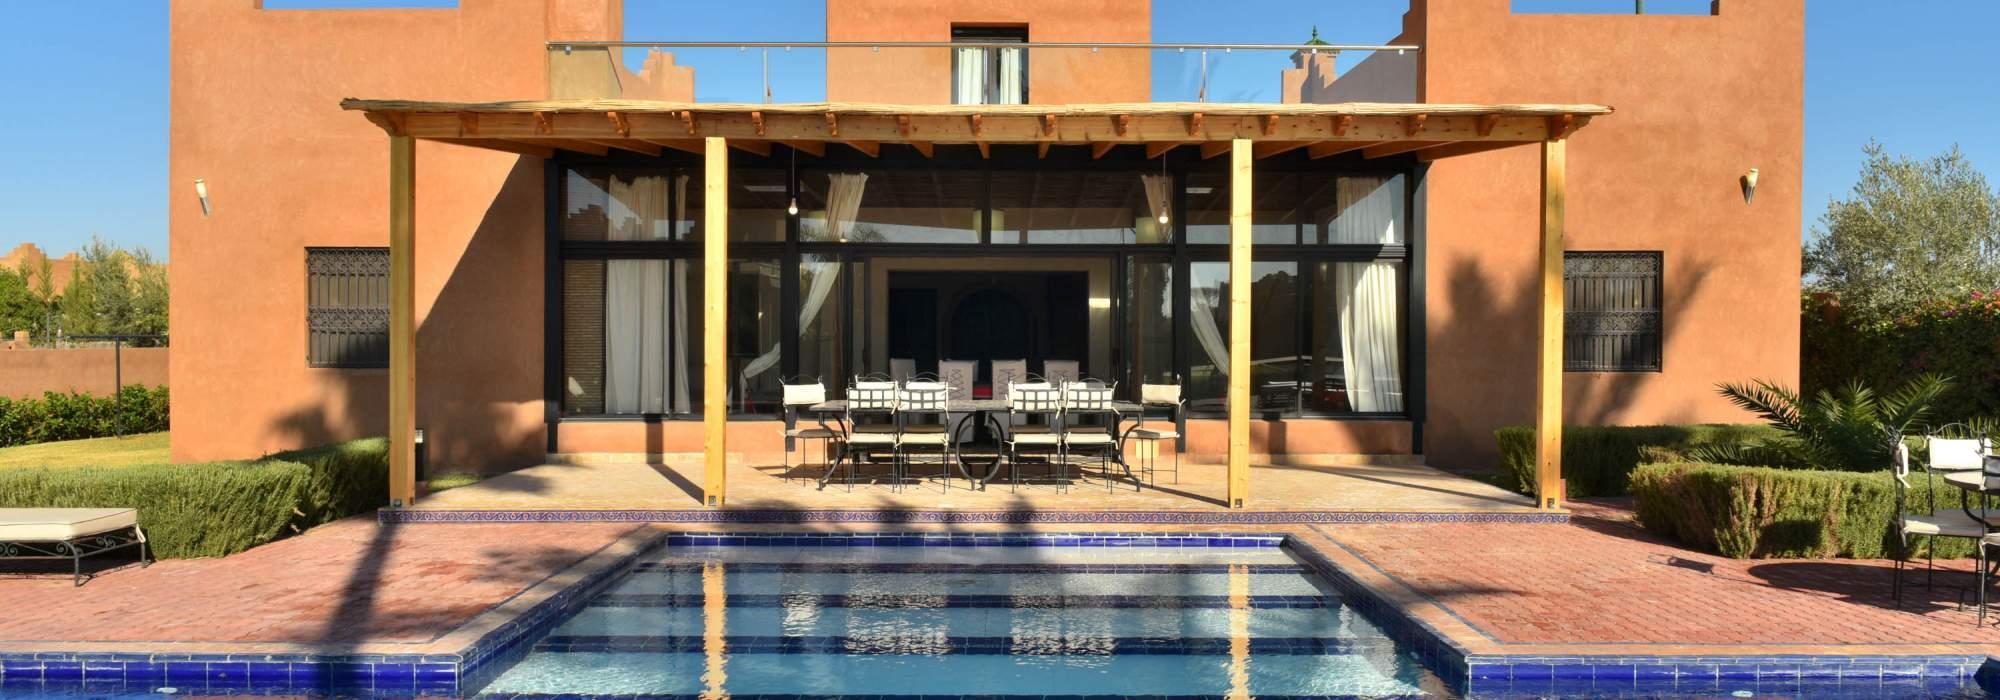 villa a vendre extérieur Marrakech